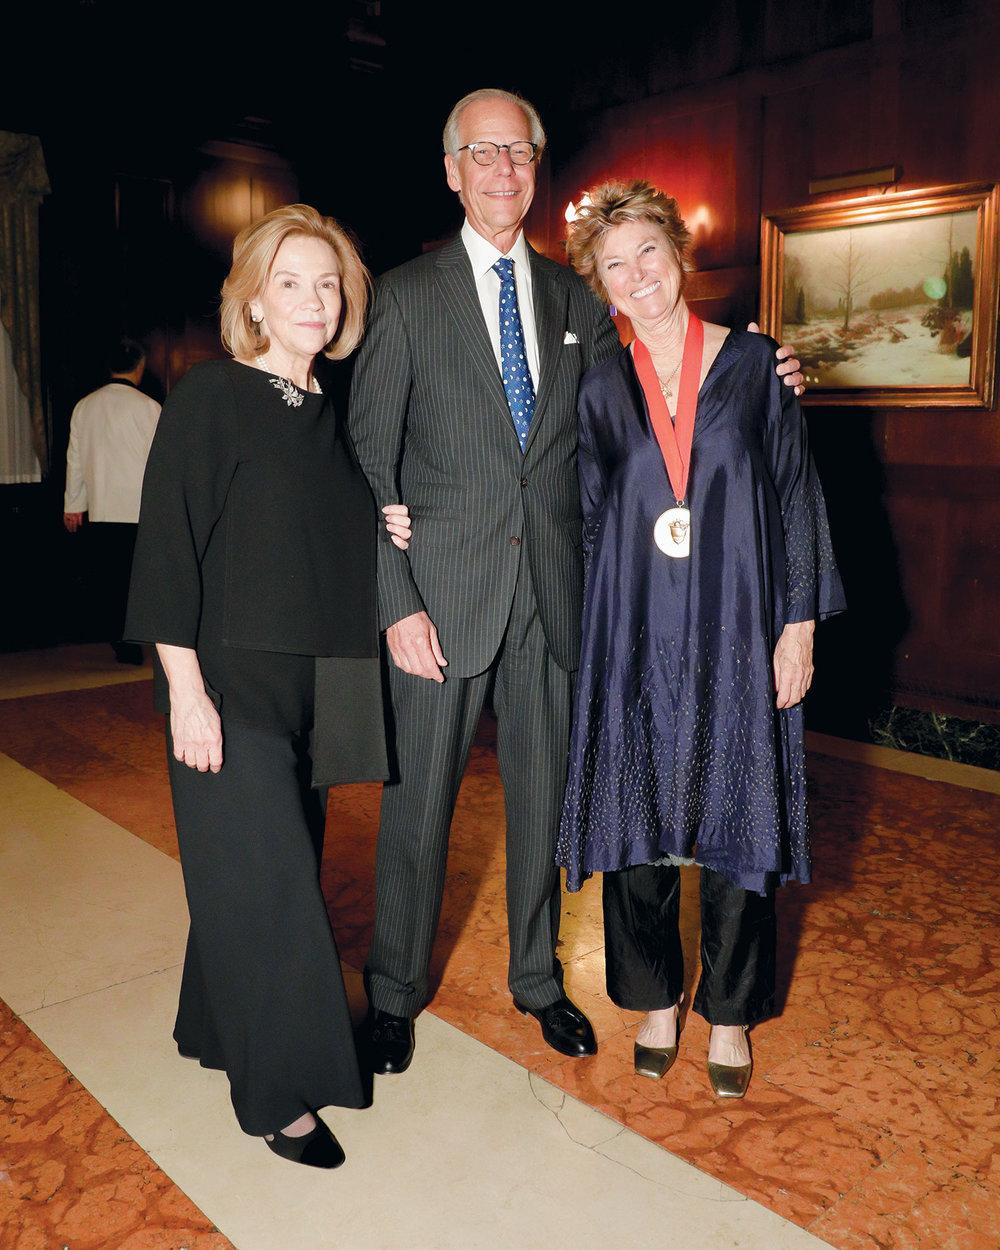 Suzanne Rheinstein, Jorge Sánchez, and Edwina von Gal